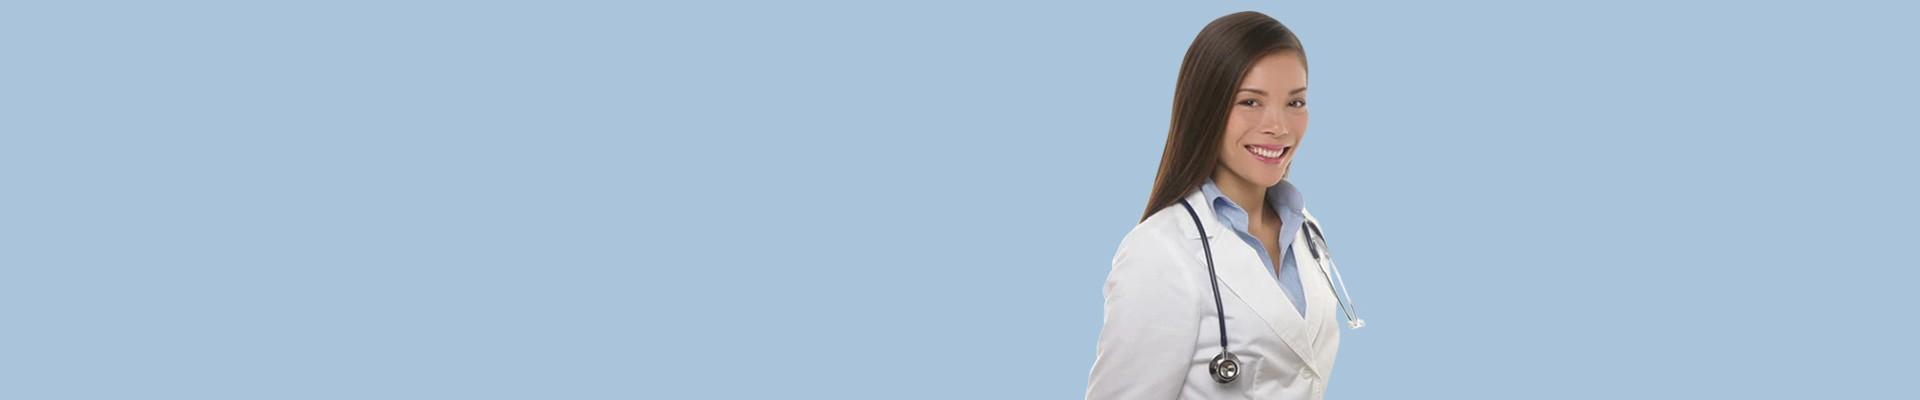 Jual Alat Diagnosa - Harga Grosir